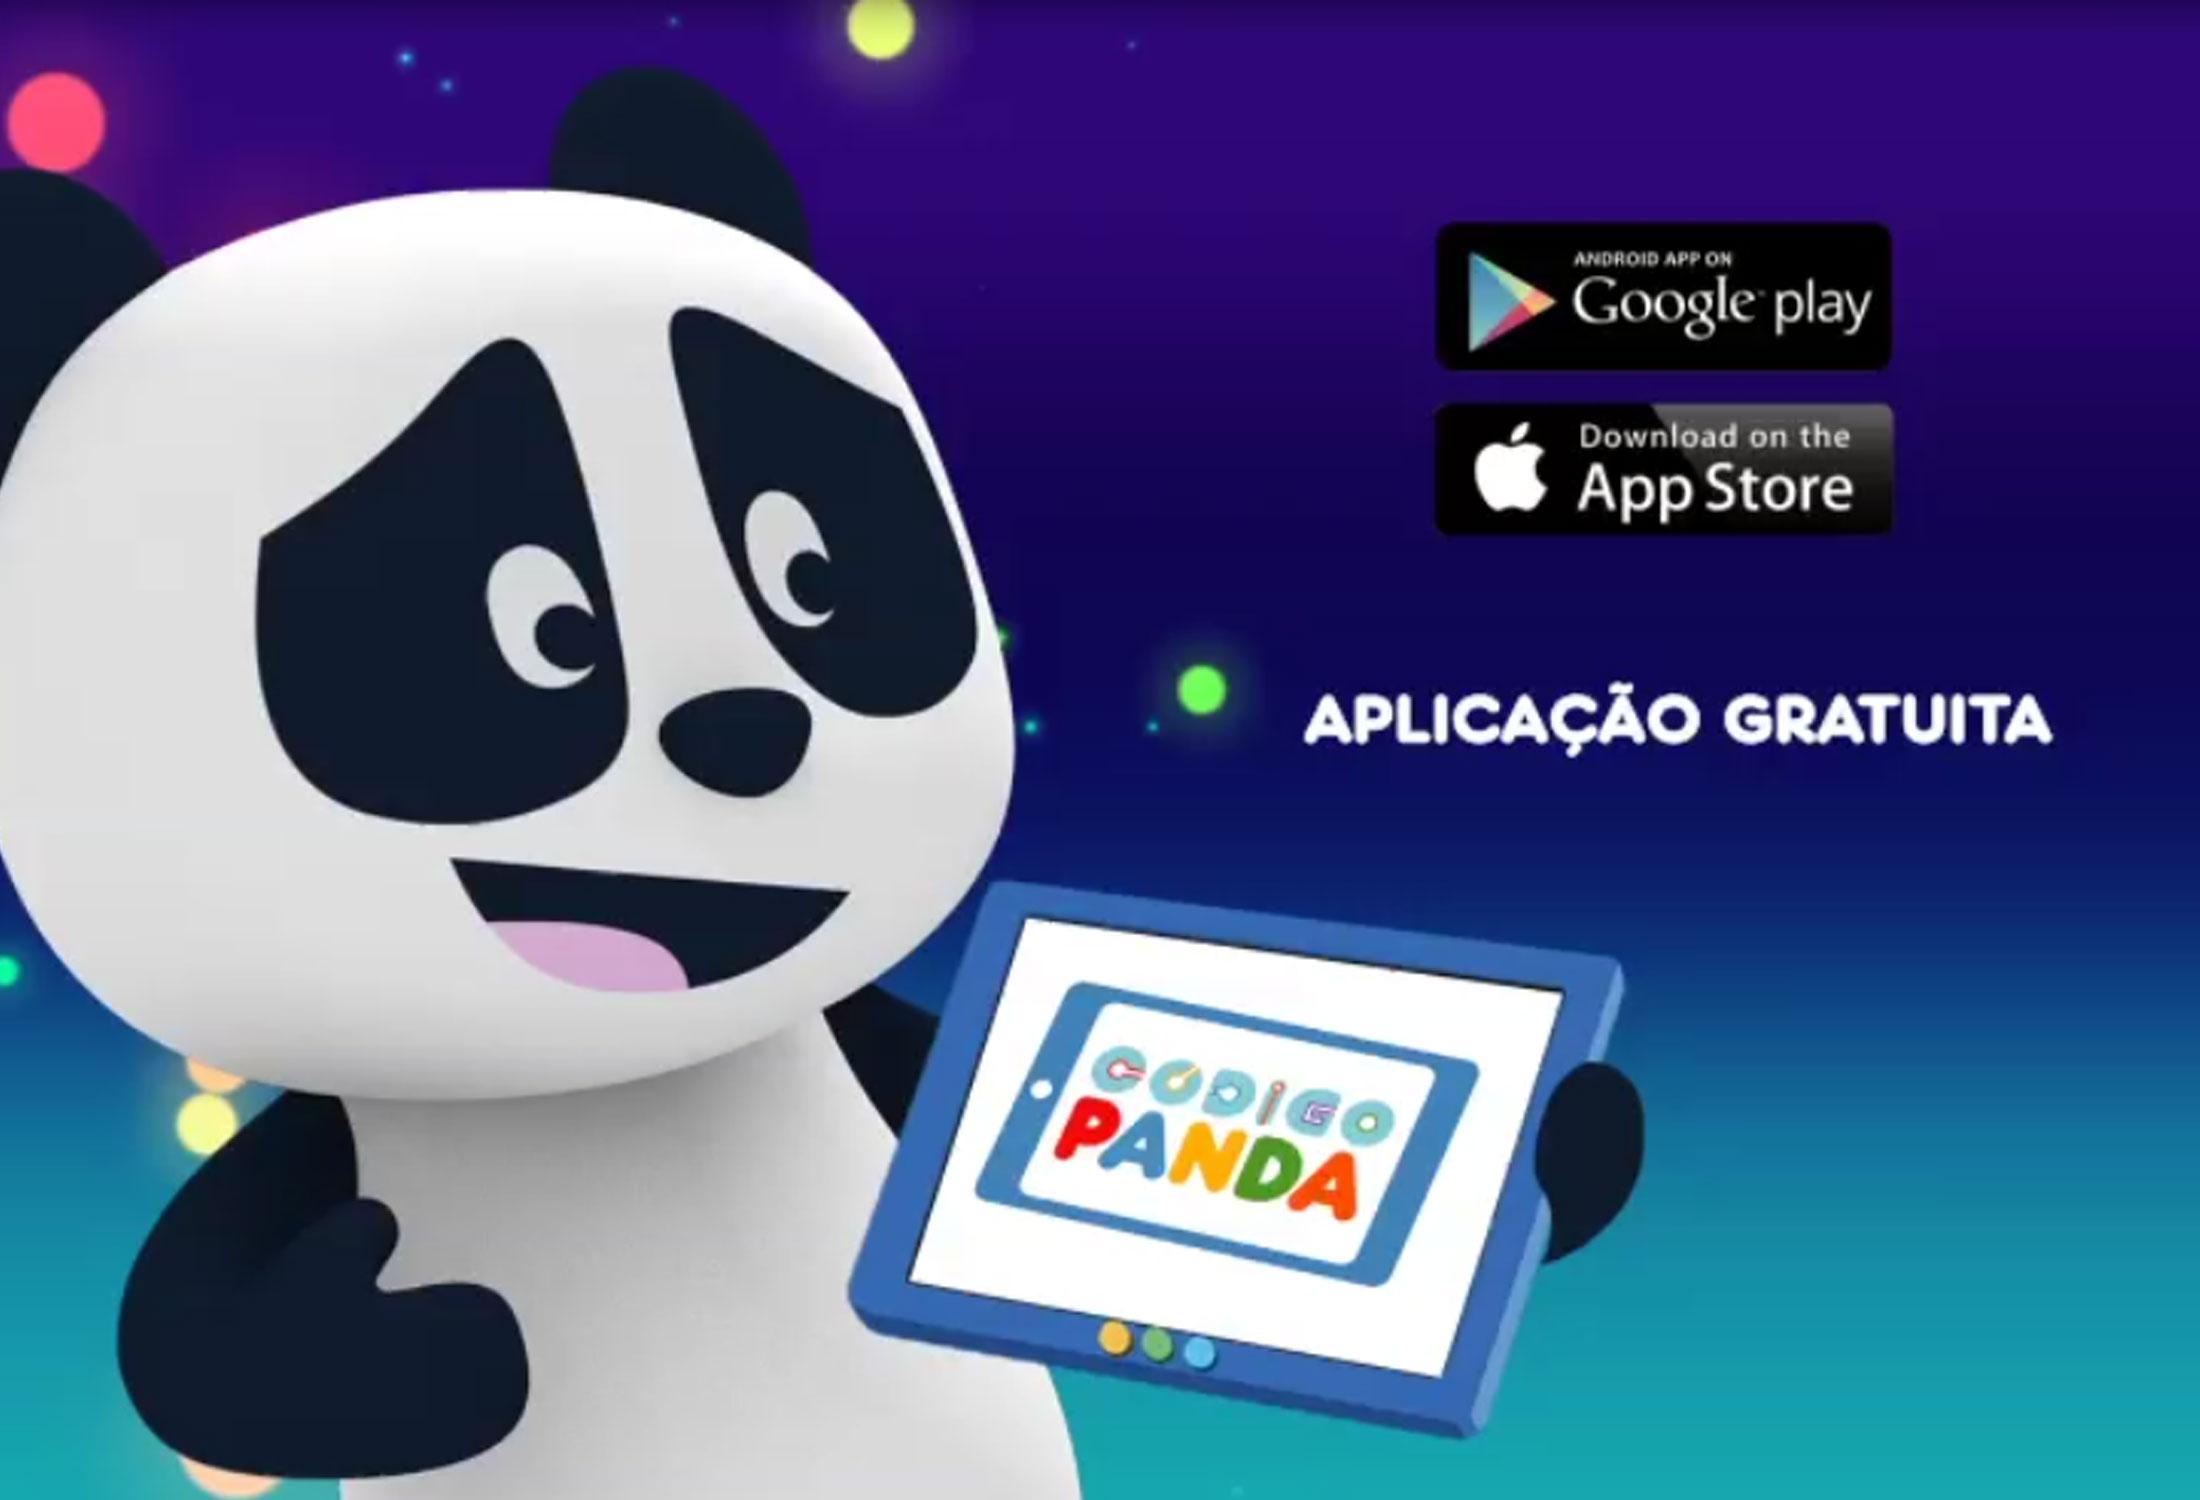 Aprende aqui como jogar o 'Código Panda'